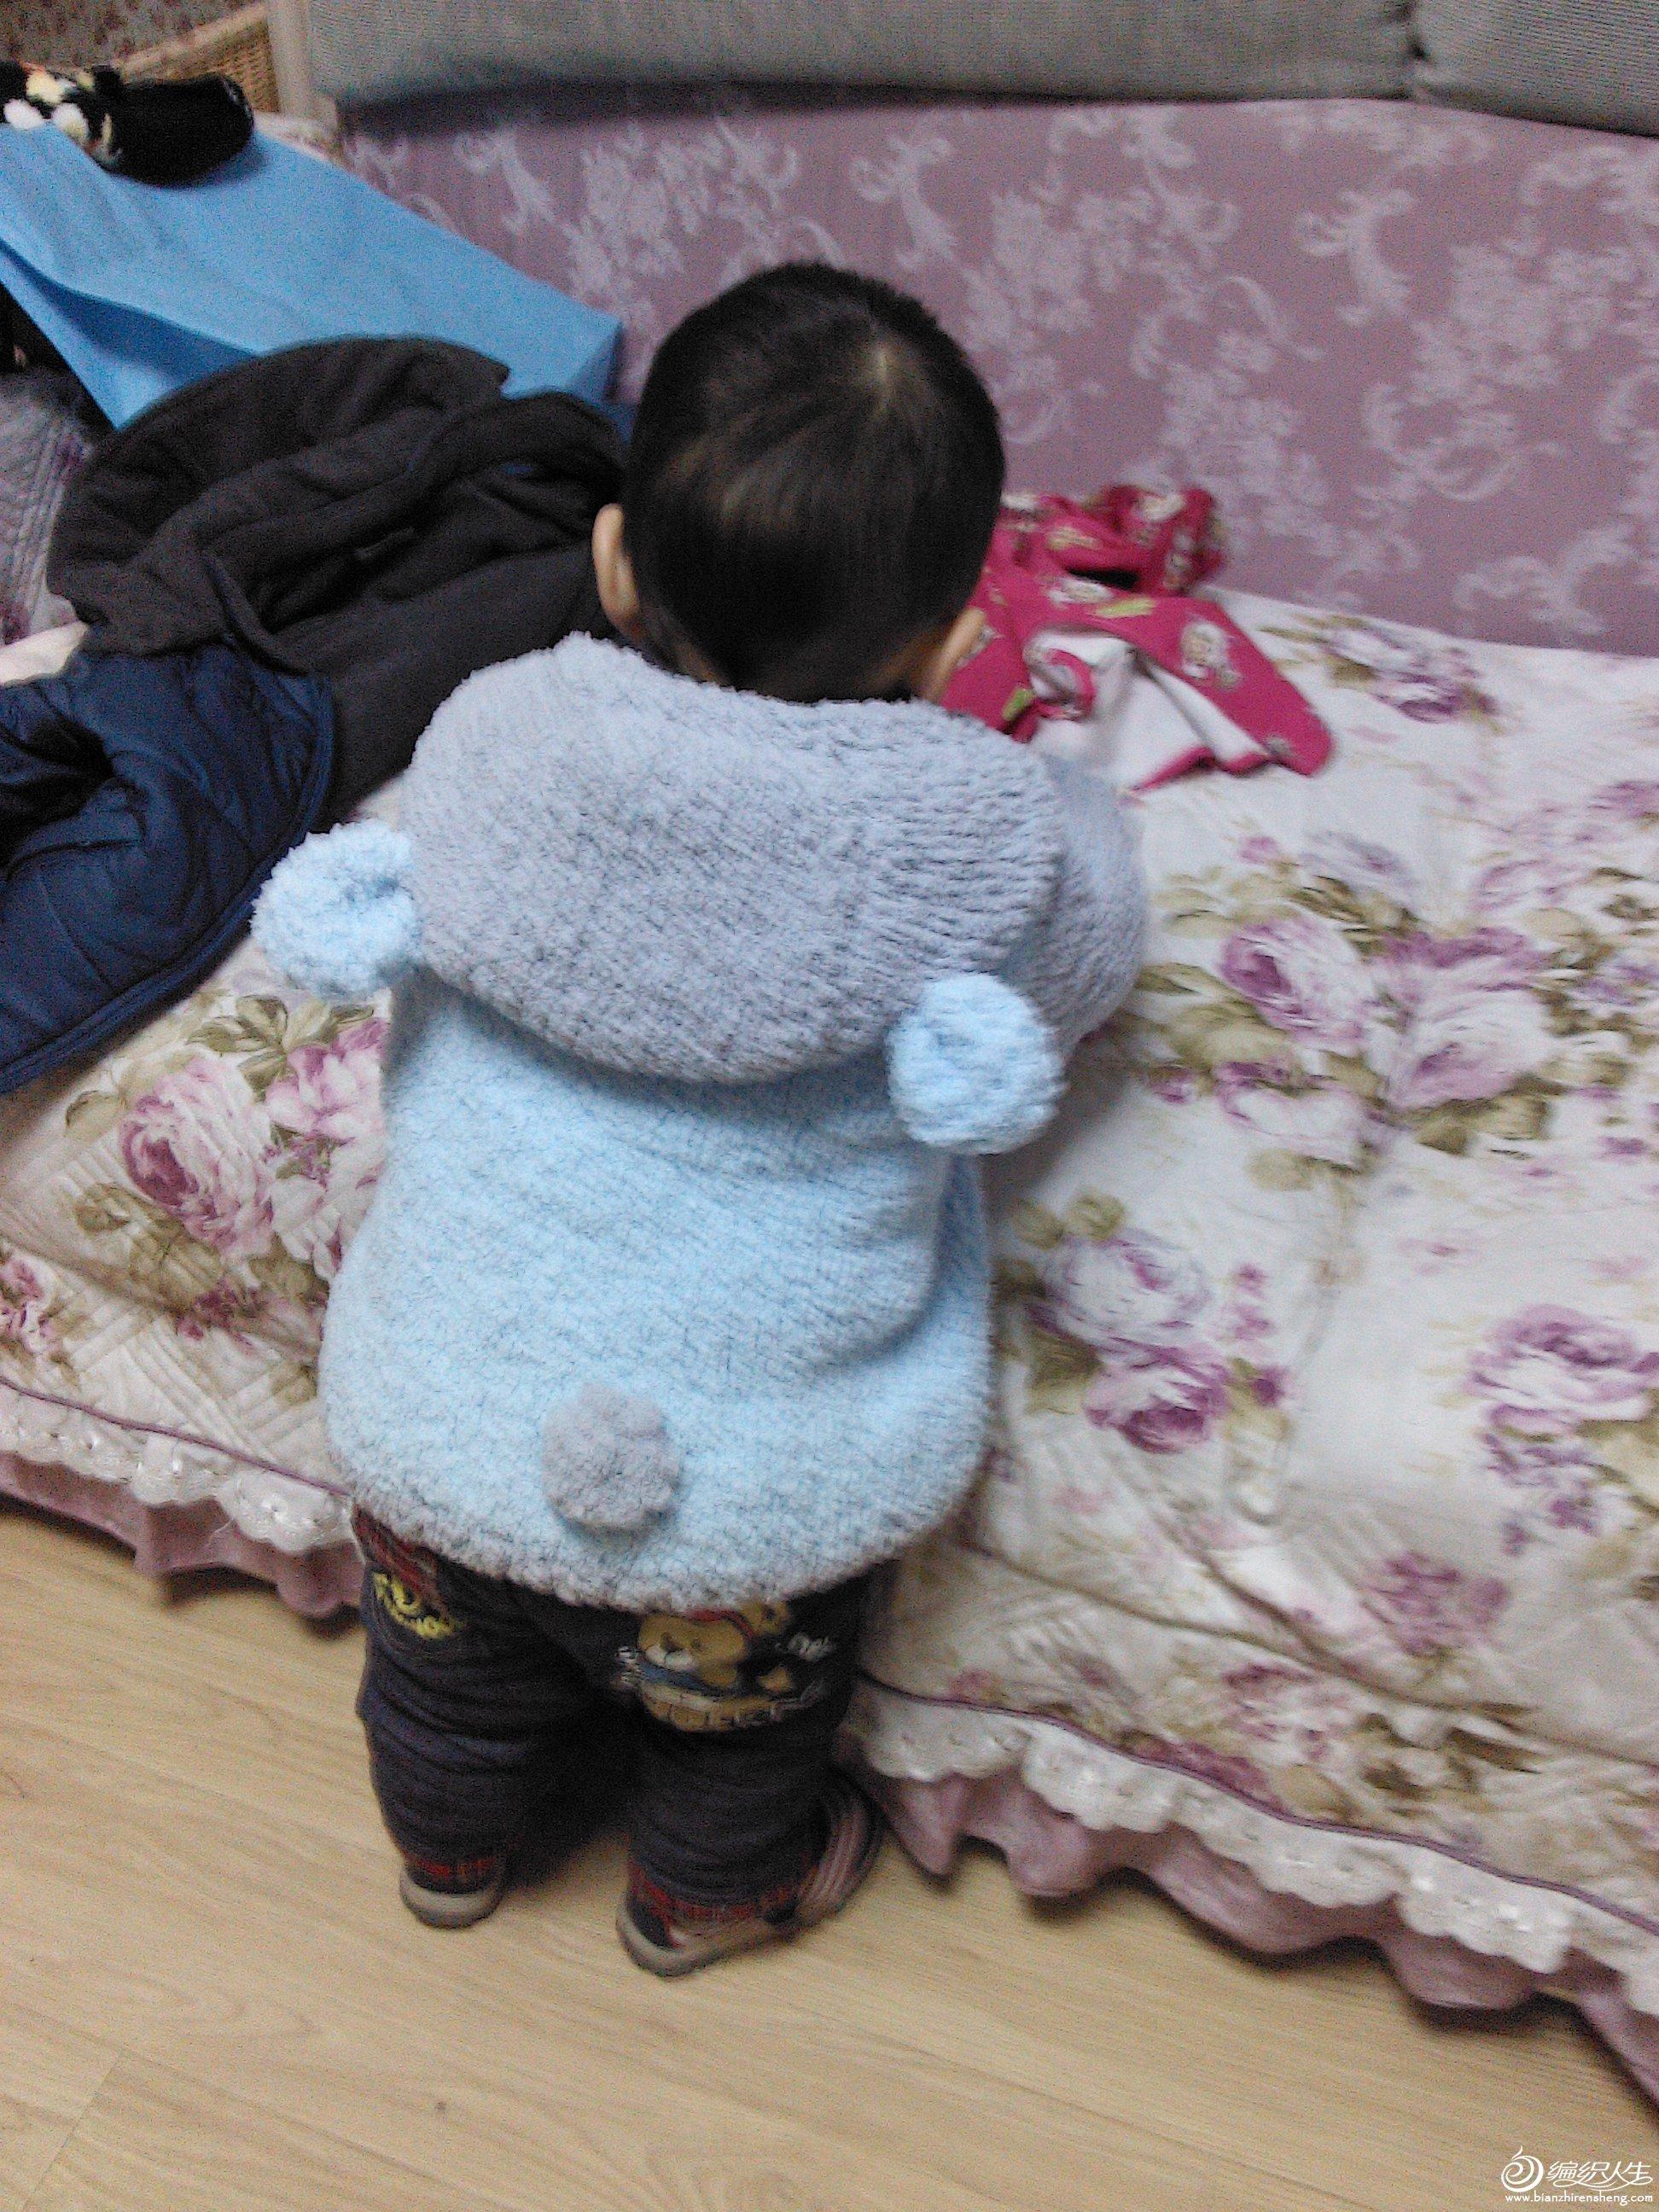 一直想给宝宝织一件这种材质的外套,一直没找到心水的线,要么掉毛,要么味道很重,机缘巧合终于碰到了我想要的线,筷子般粗的针,挖起来不是一般的快啊,嘿嘿,2天就搞定,效果还不错,宝贝又多了件可爱的衣服了,妈妈很有成就感呢!多了线织了双袜子,一个围脖!好多姐妹问是哪家的线,现在把她家的网址贴上,这件衣服大概用了6两左右的线,起头80针,6MM粗的针,